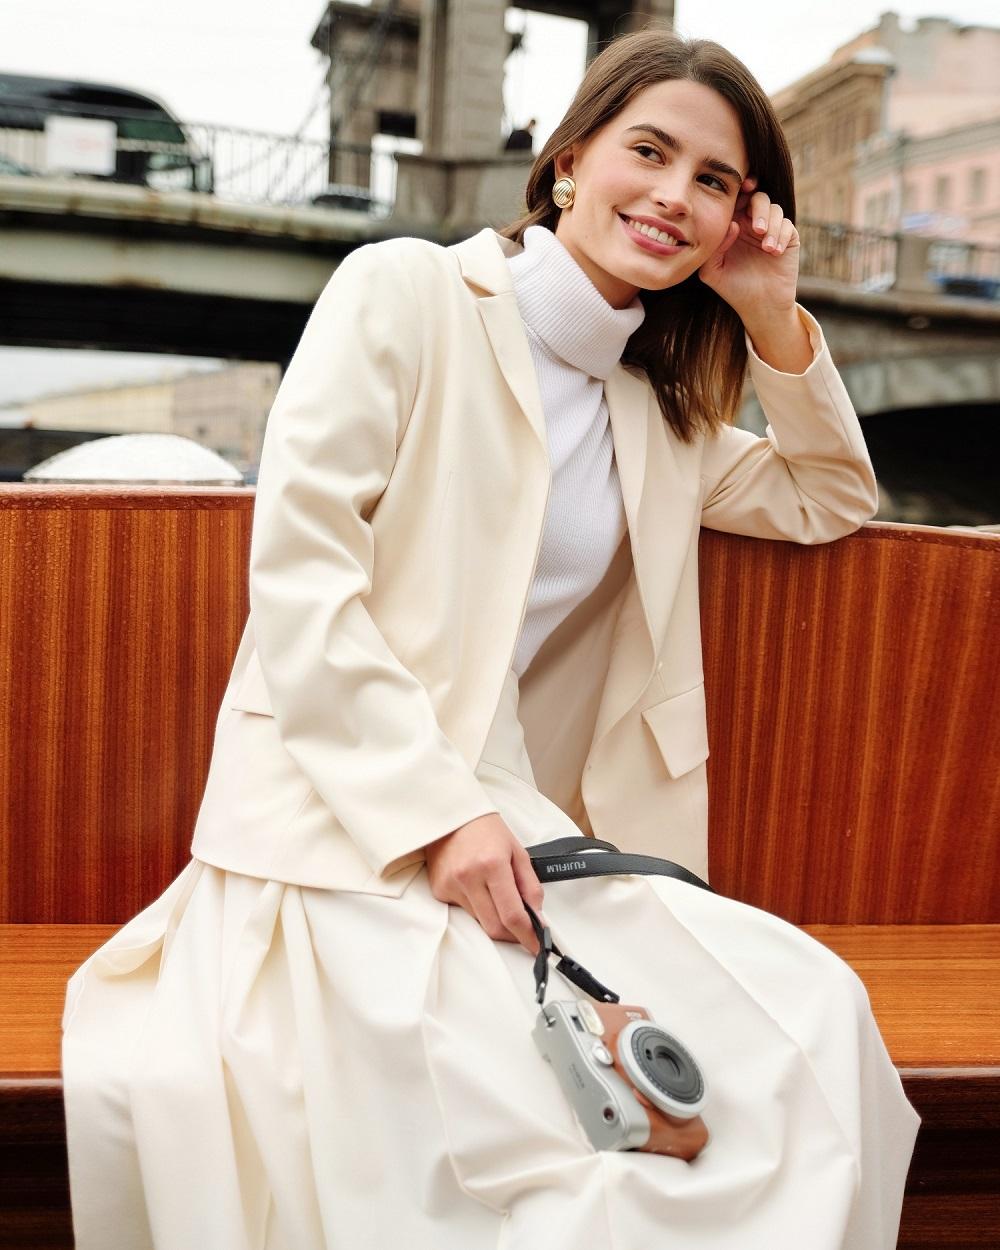 bb5e009a6f35 Интернет-магазин женской одежды - 12storeez